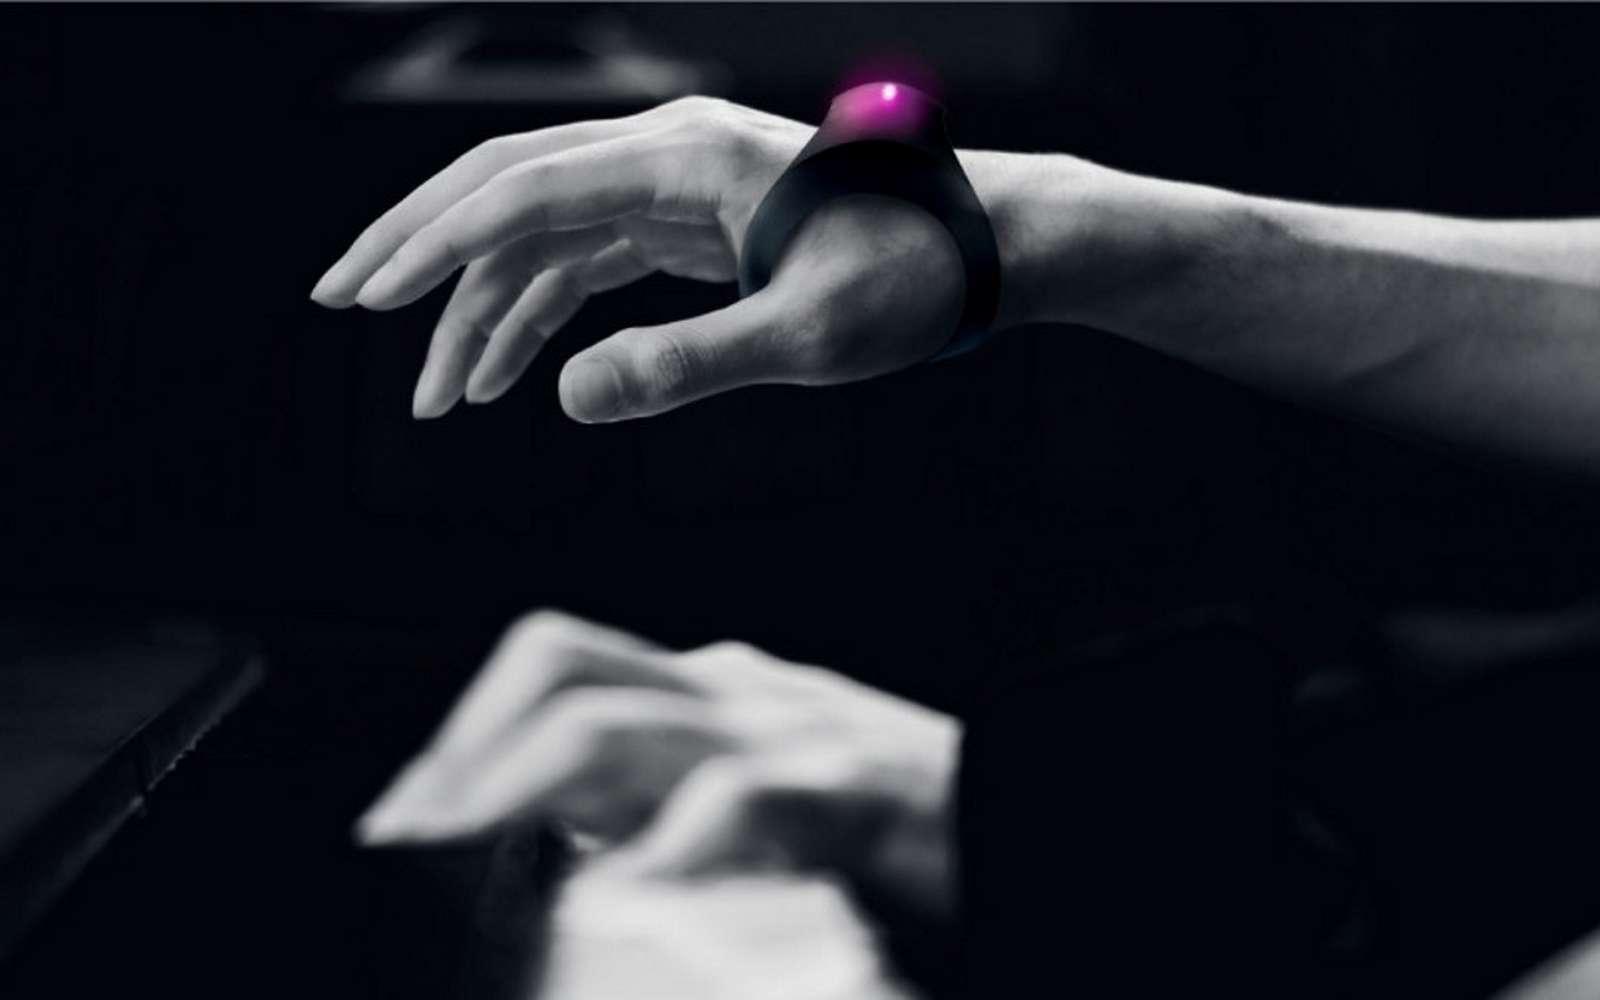 Le bracelet Motion Sonic permet d'ajouter des effets sonores grâce aux mouvements de la main. © Sony